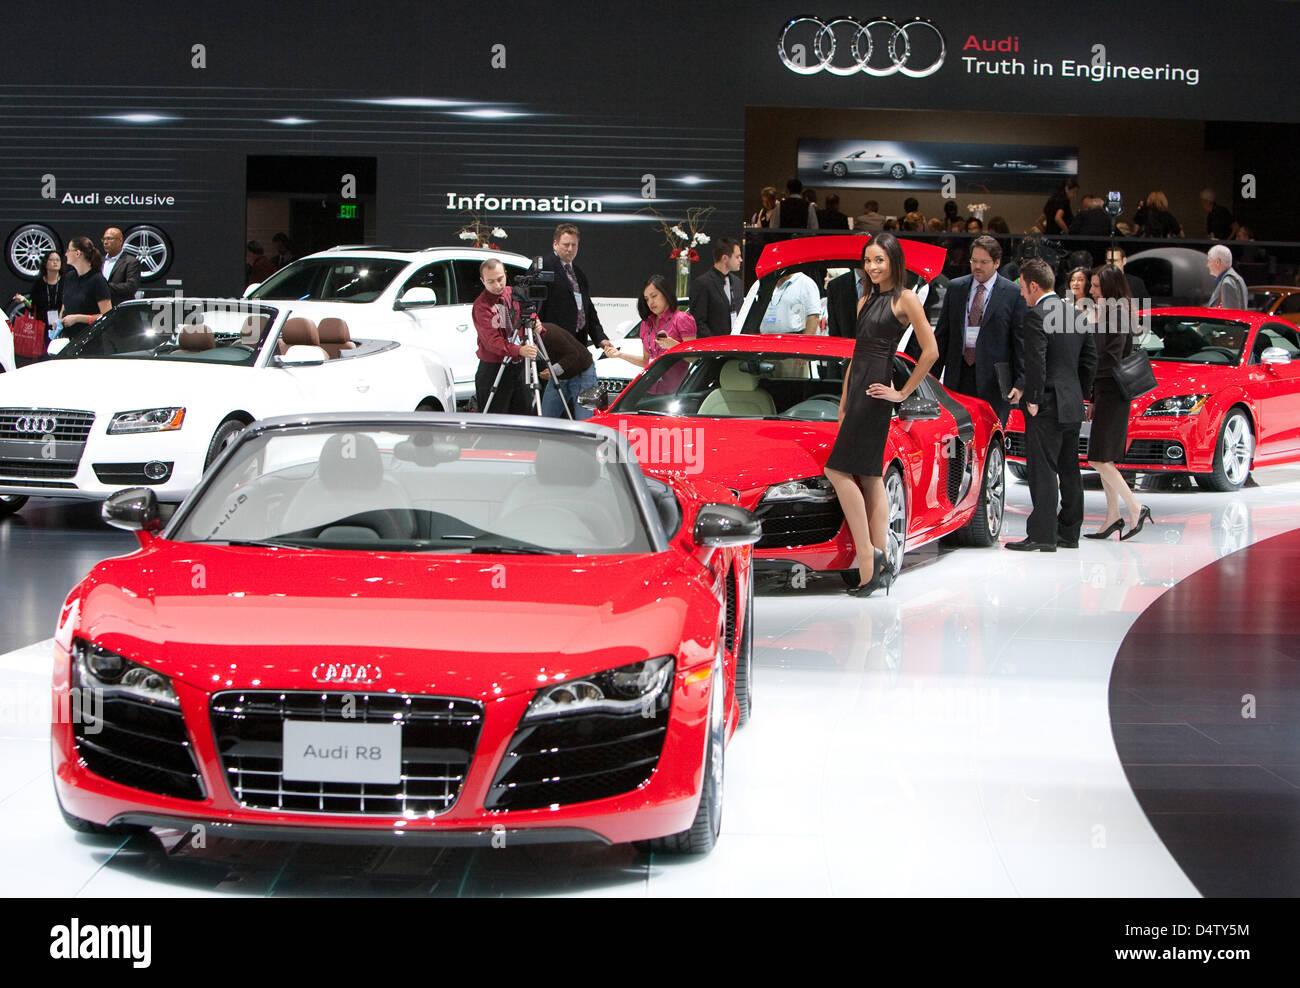 Coches de Audi stand en el LA Auto Show en Los Angeles, Estados Unidos, 03 de diciembre de 2009. Los vehículos Imagen De Stock